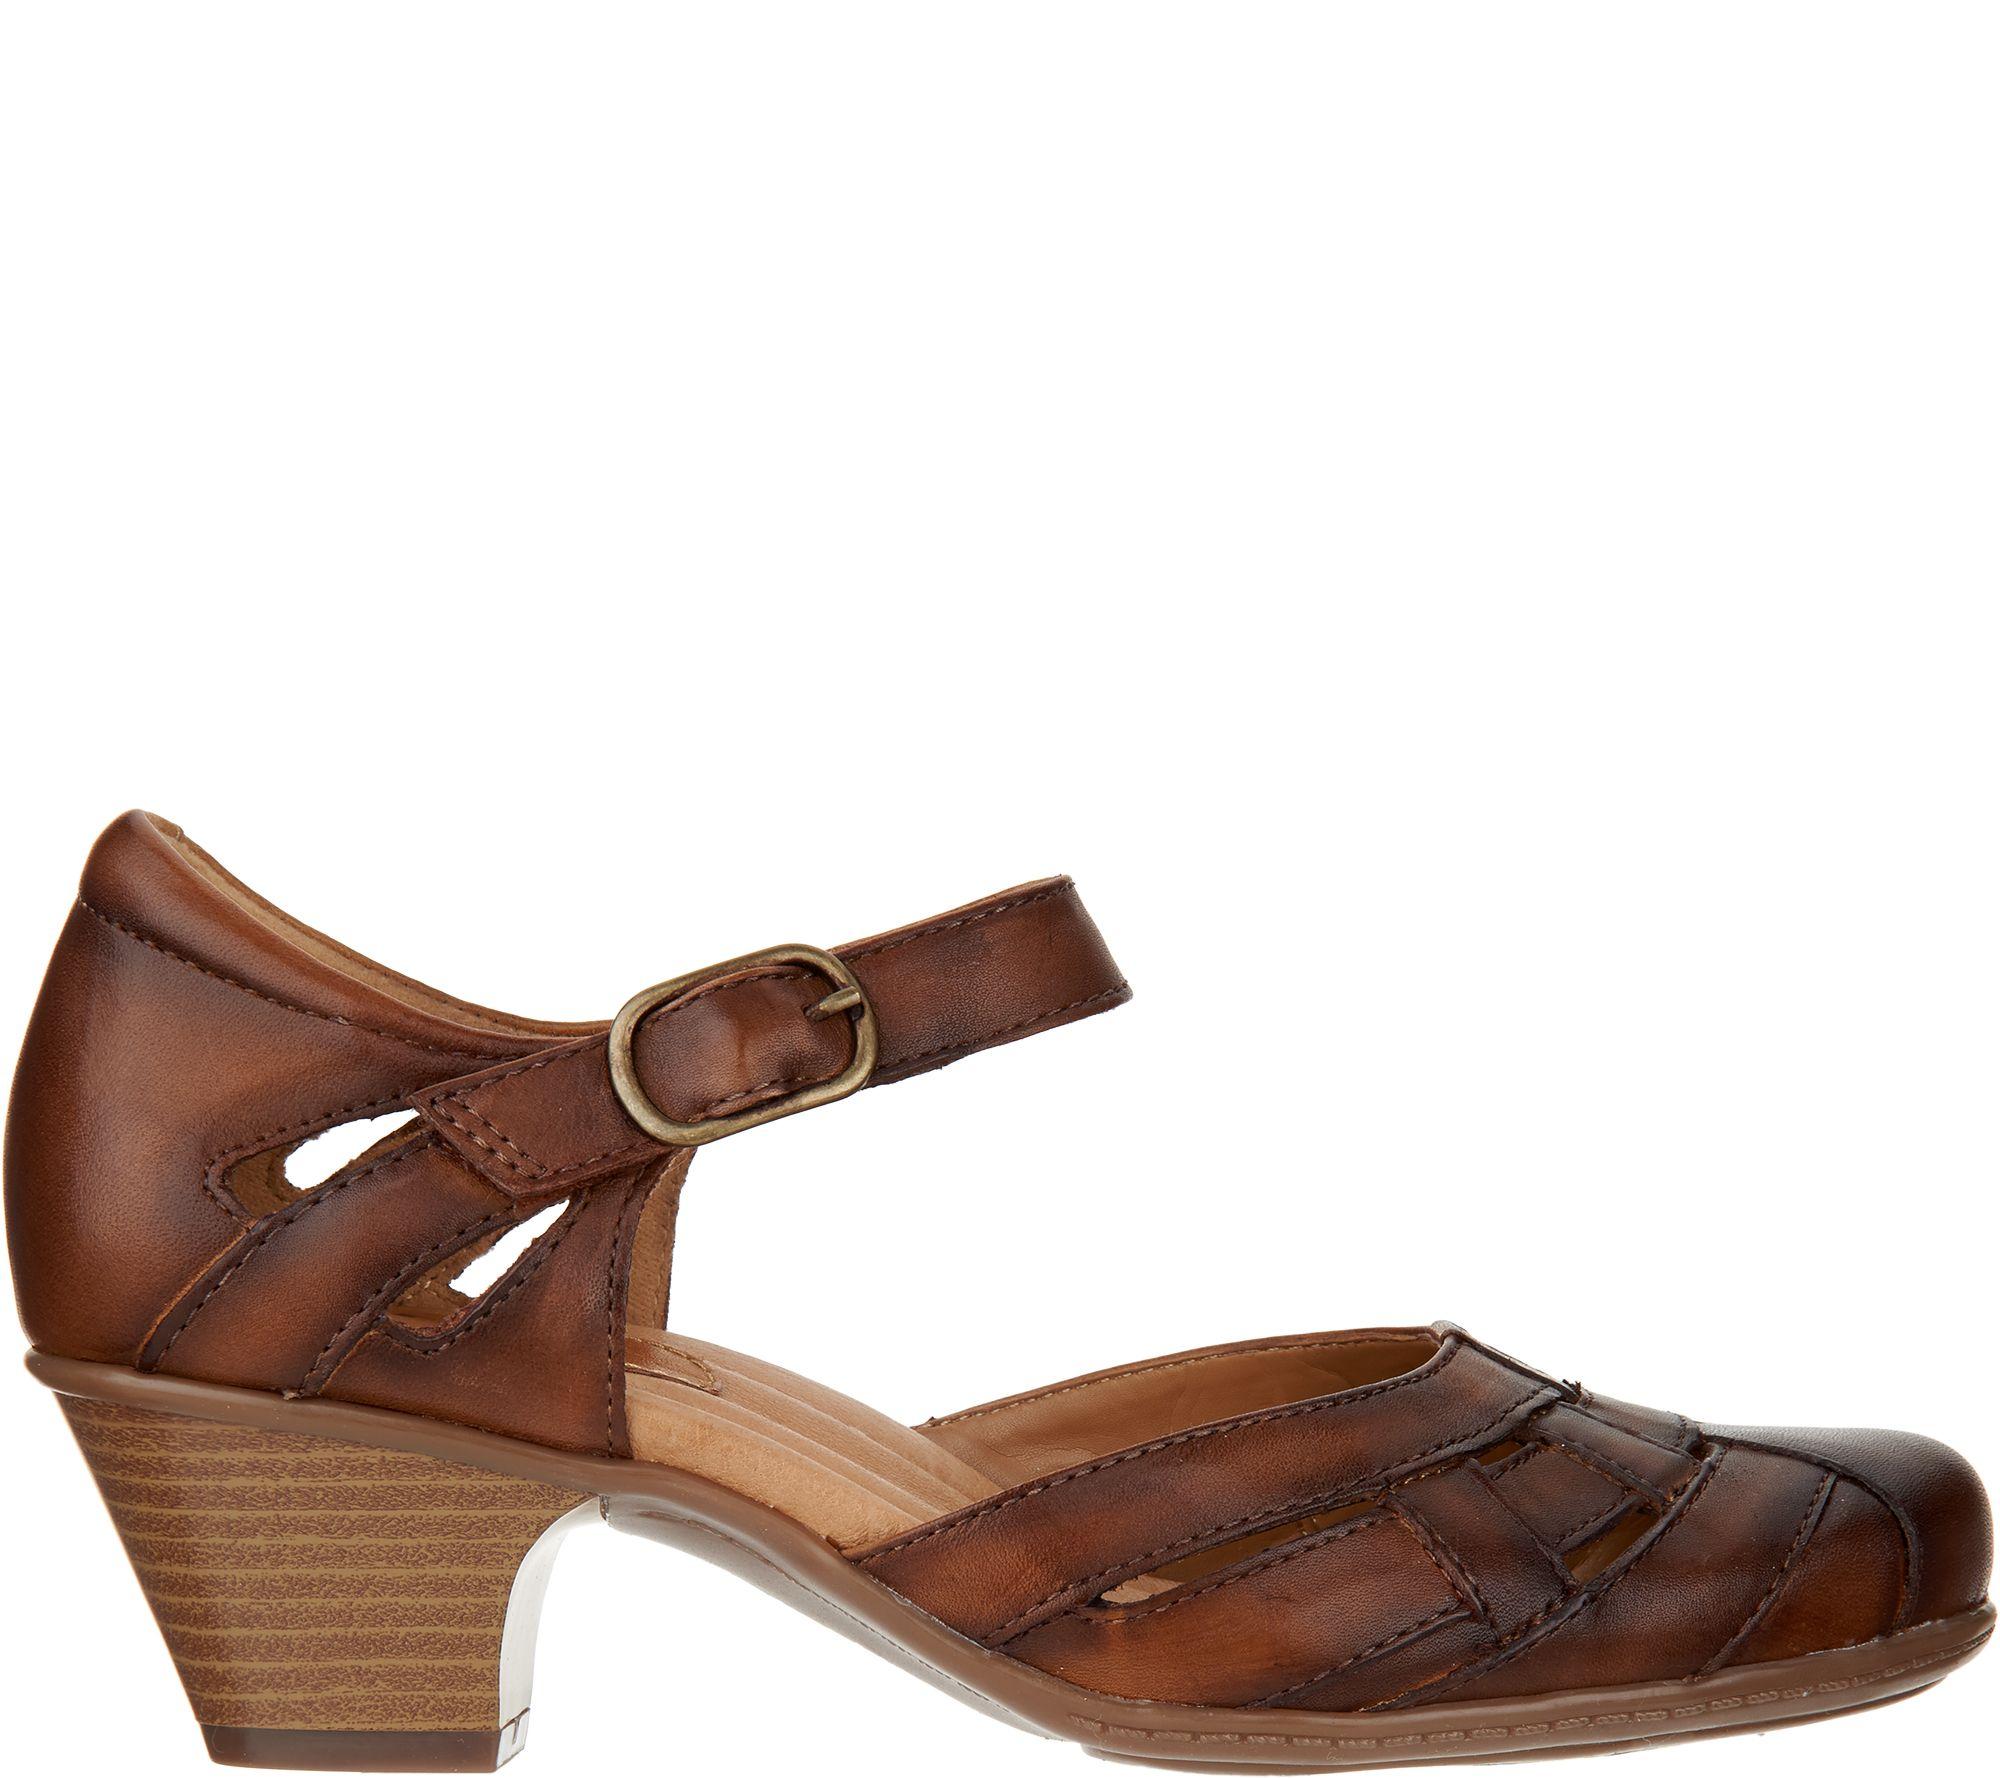 Women's sandals that hide bunions - Women's Sandals That Hide Bunions 51